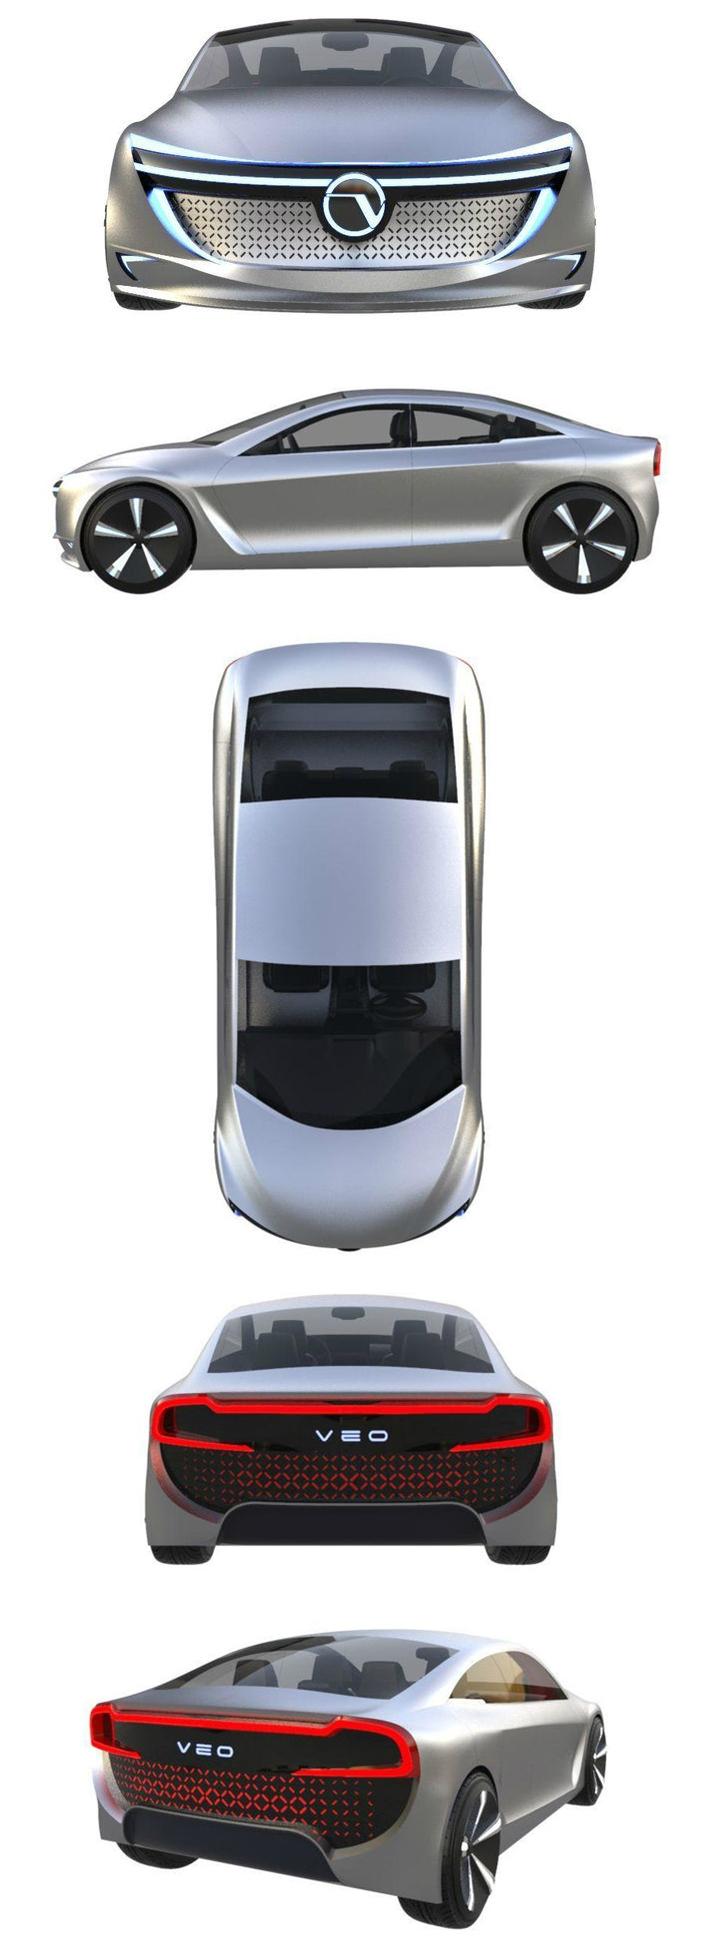 yerli otomobil tasarımı